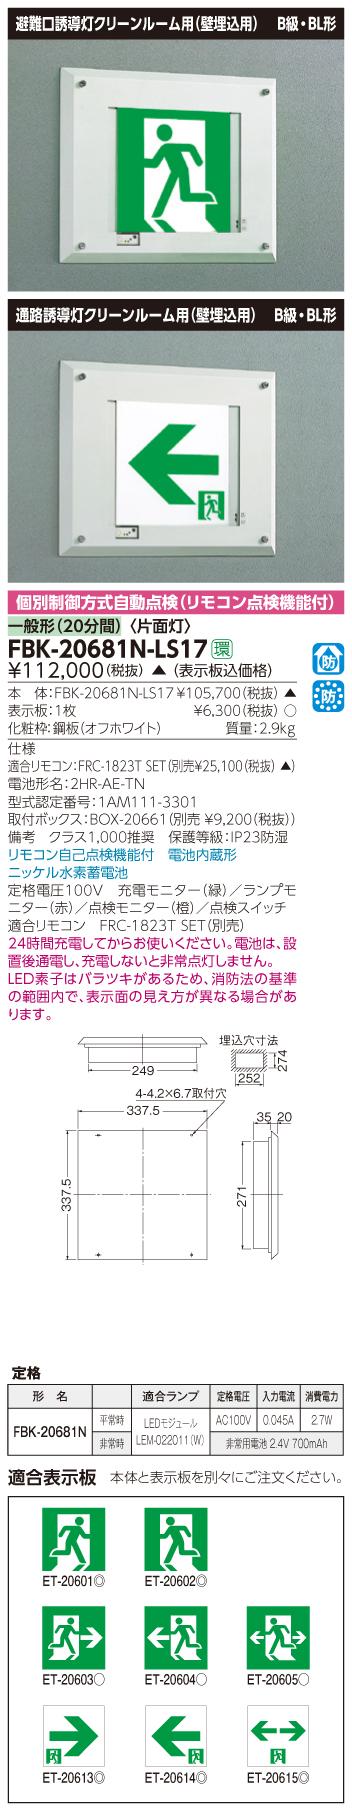 【法人様限定】東芝 FBK-20681N-LS17 LED誘導灯 壁埋込形 クリーンルーム用 電池内蔵 片面 B級BL形 一般形(20分) 【表示板別売】